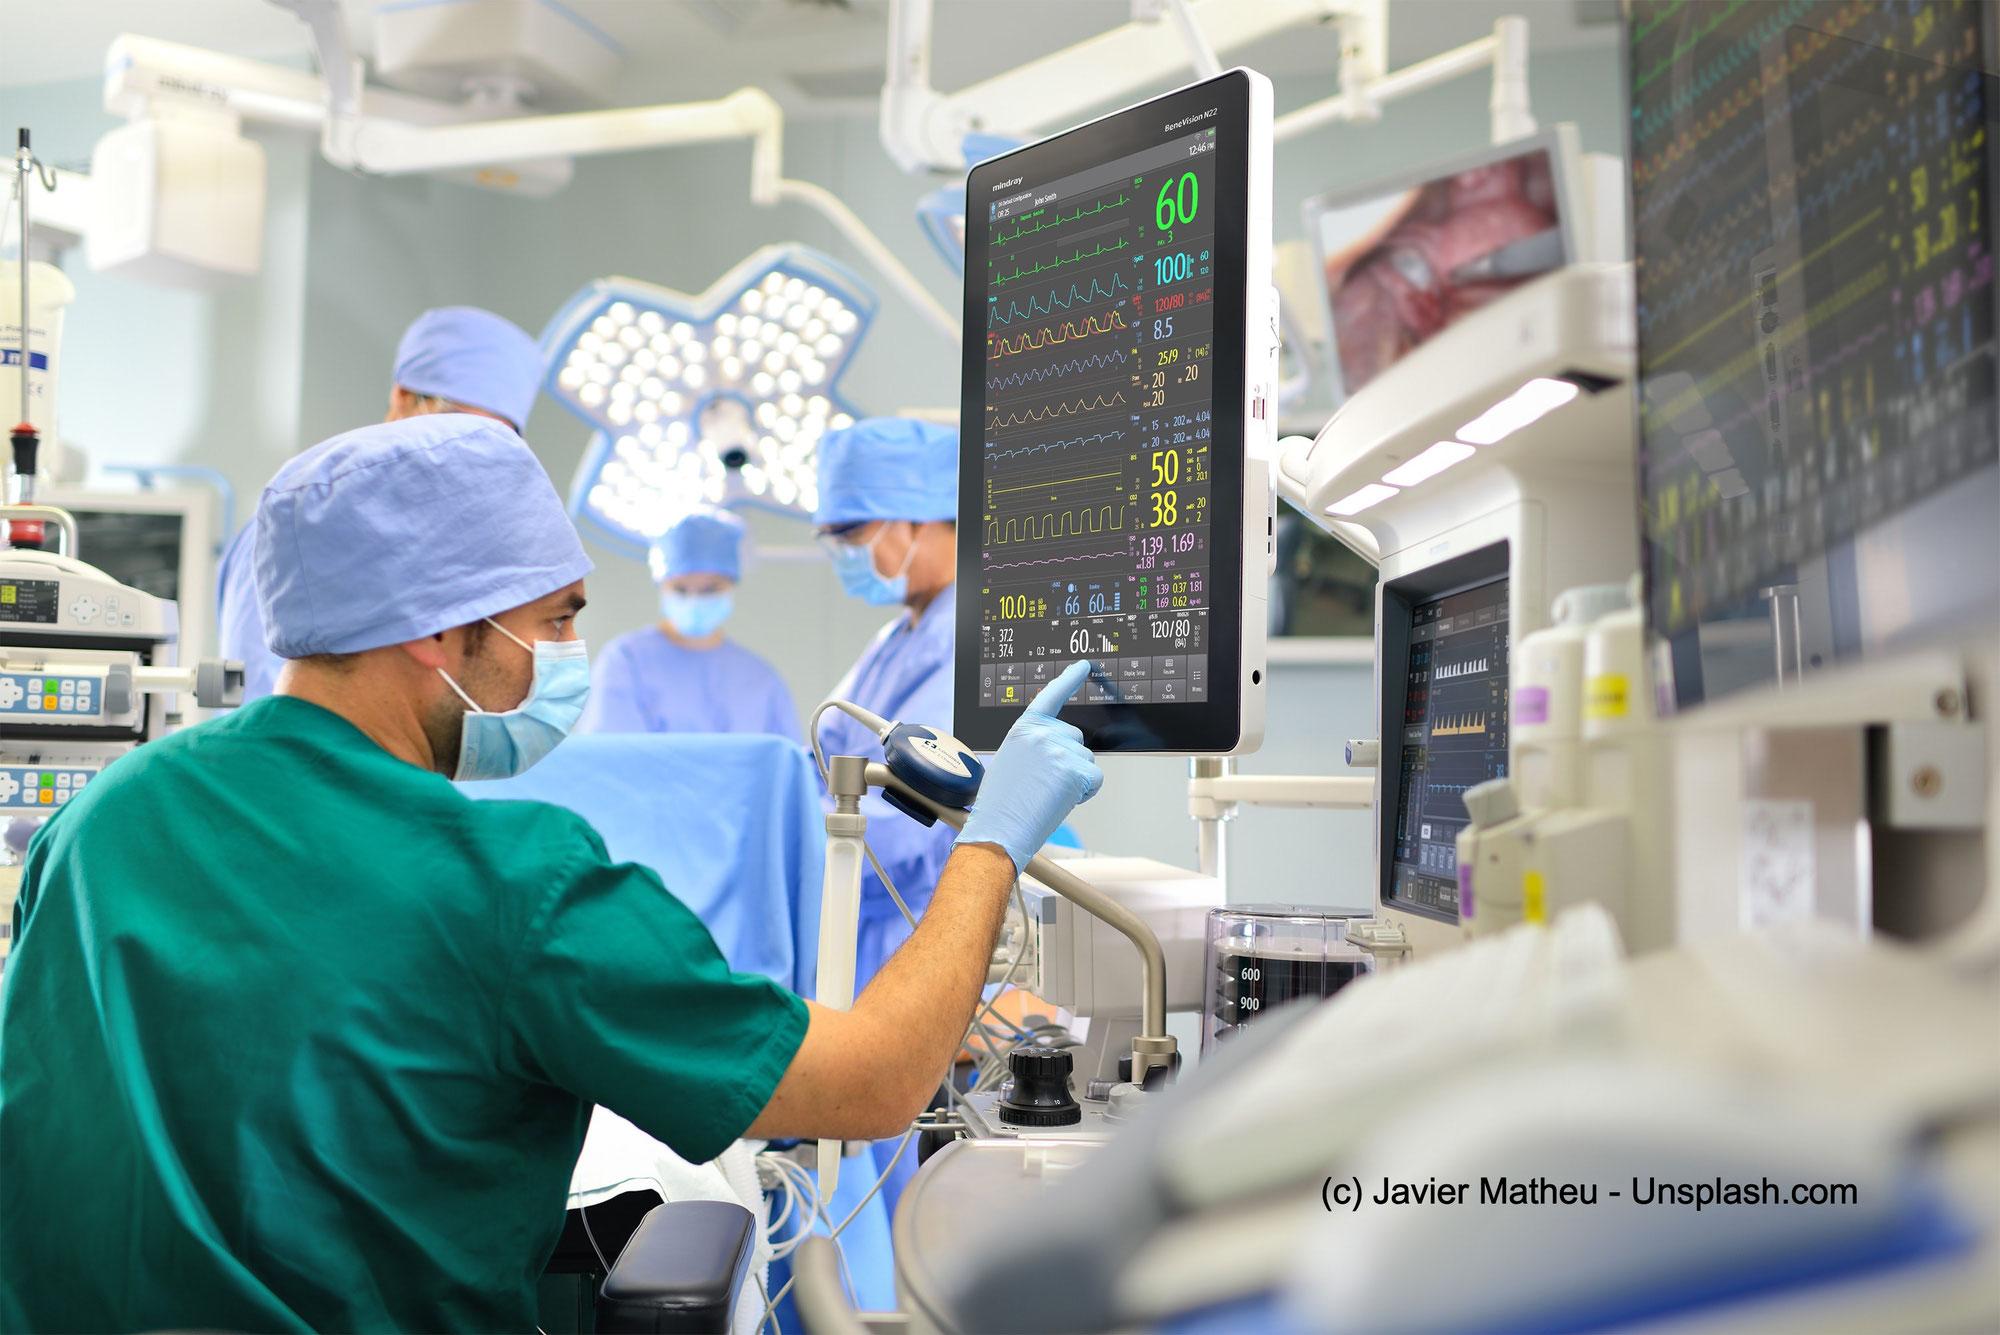 Über die Wichtigkeit einer medizinischen Zweitmeinung